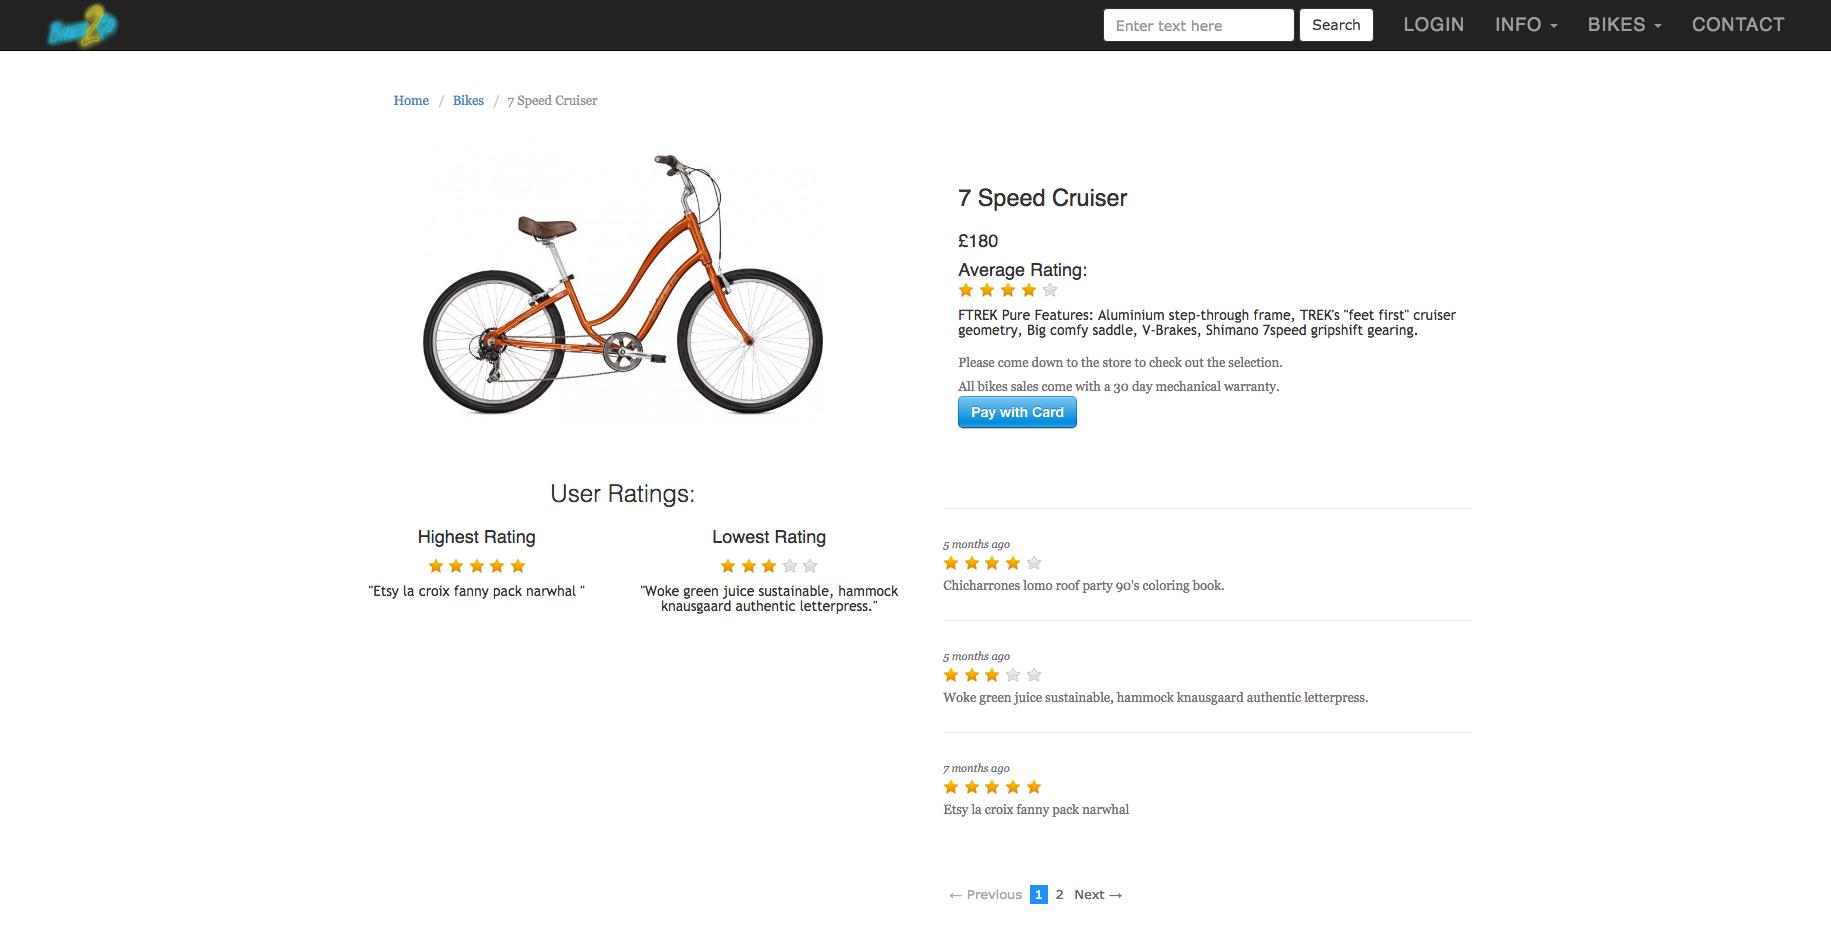 Bikes2Go | 7 Speed Cruiser